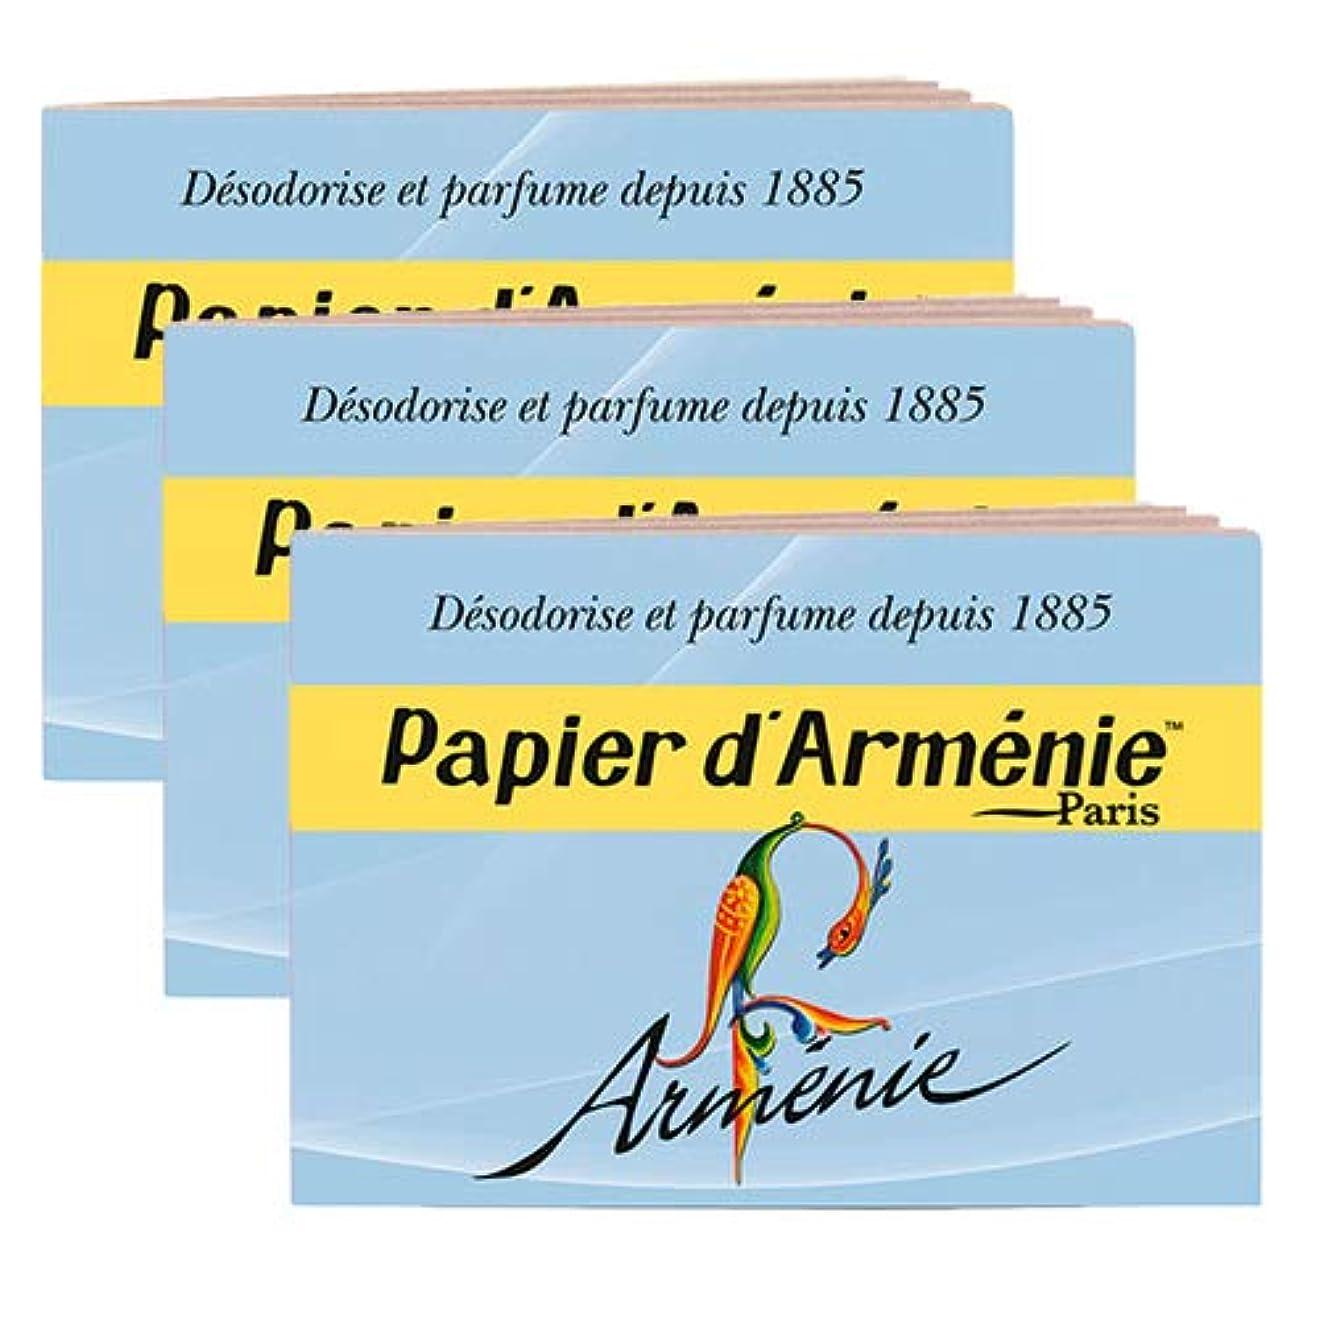 ホストつぼみ設計図【パピエダルメニイ】トリプル 3×12枚(36回分) 3個セット アルメニイ 紙のお香 インセンス アロマペーパー PAPIER D'ARMENIE [並行輸入品]